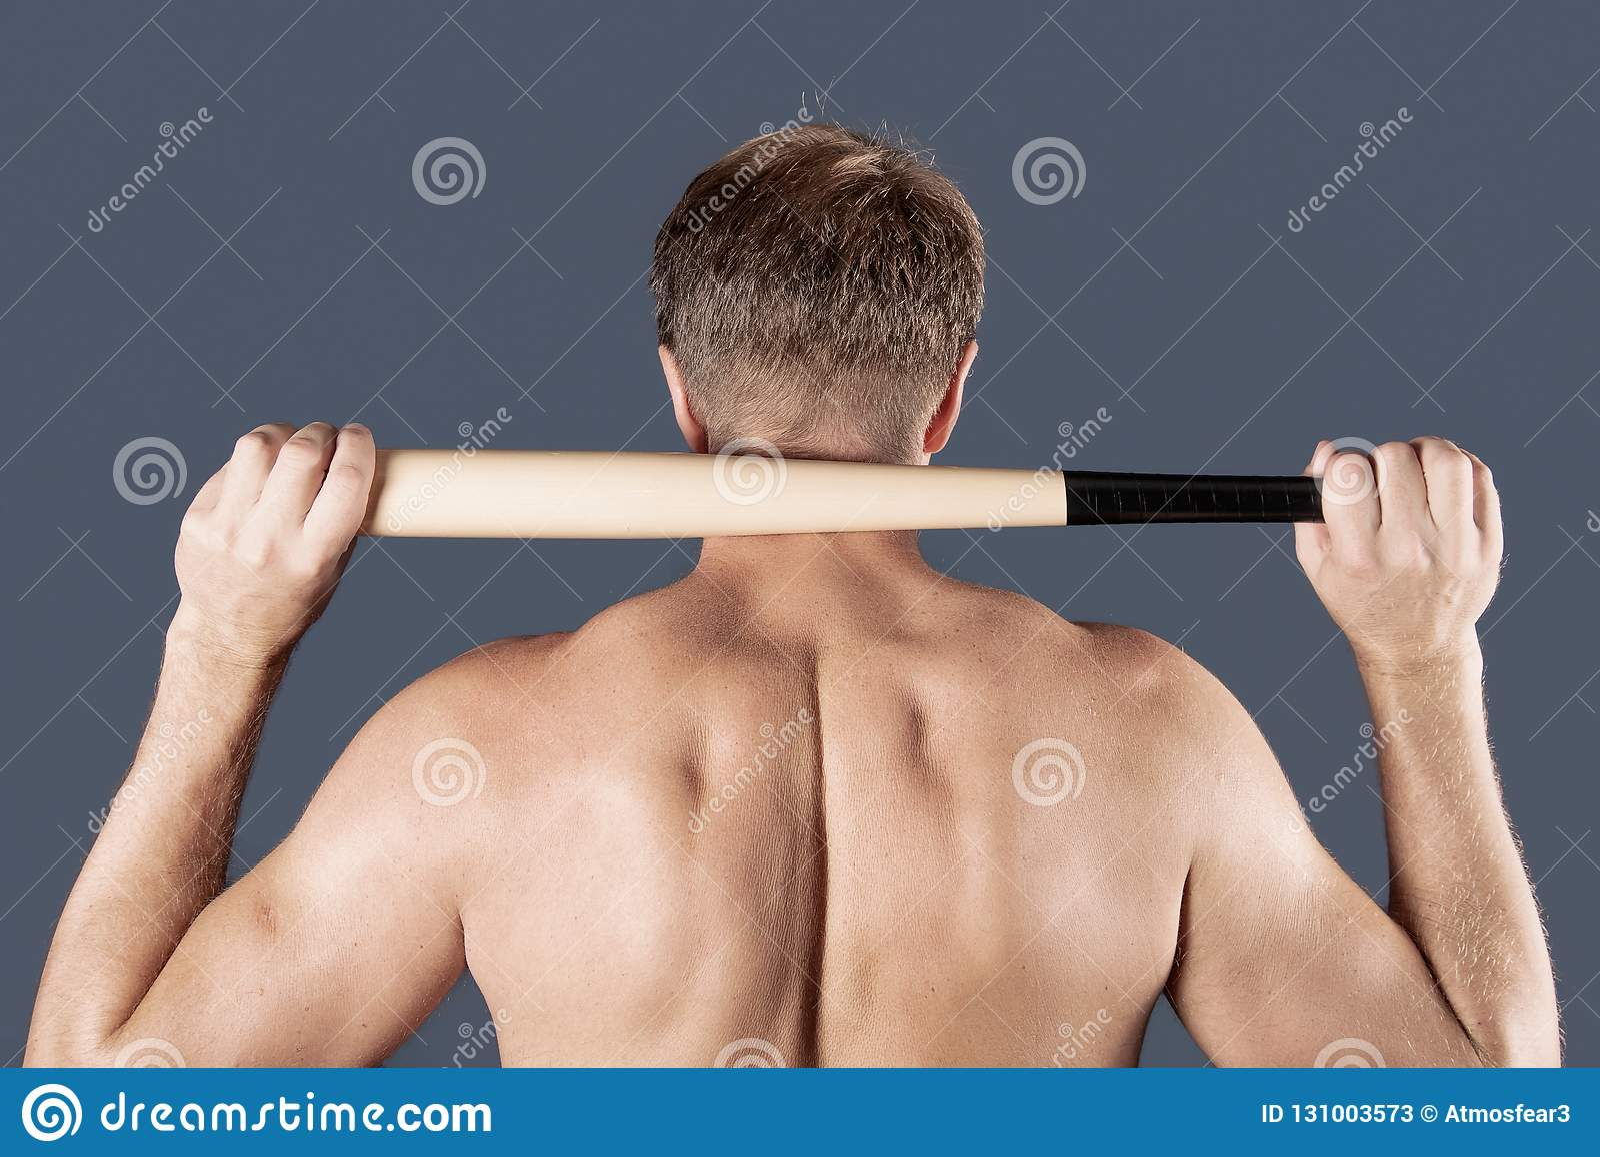 Το άτομο γυμνοστήθων κρατά στους ώμους του ένα ρόπαλο του μπέιζμπολ πέρα από το μπλε υπόβαθρο